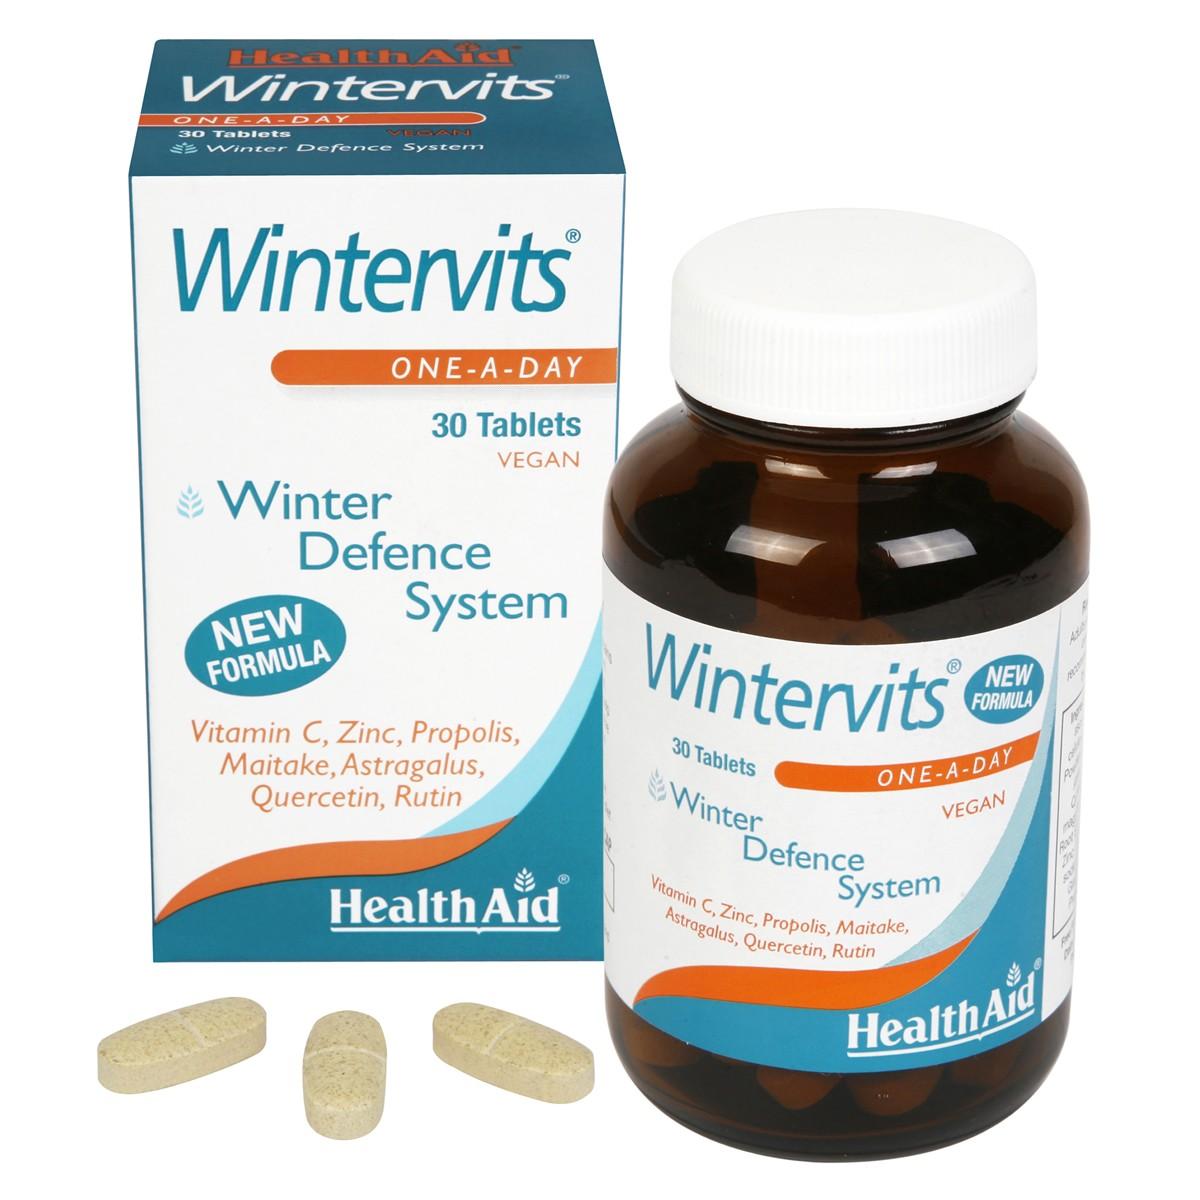 HealthAid Wintervits (Vitamin C, Zinc, Propolis, Maitake++)